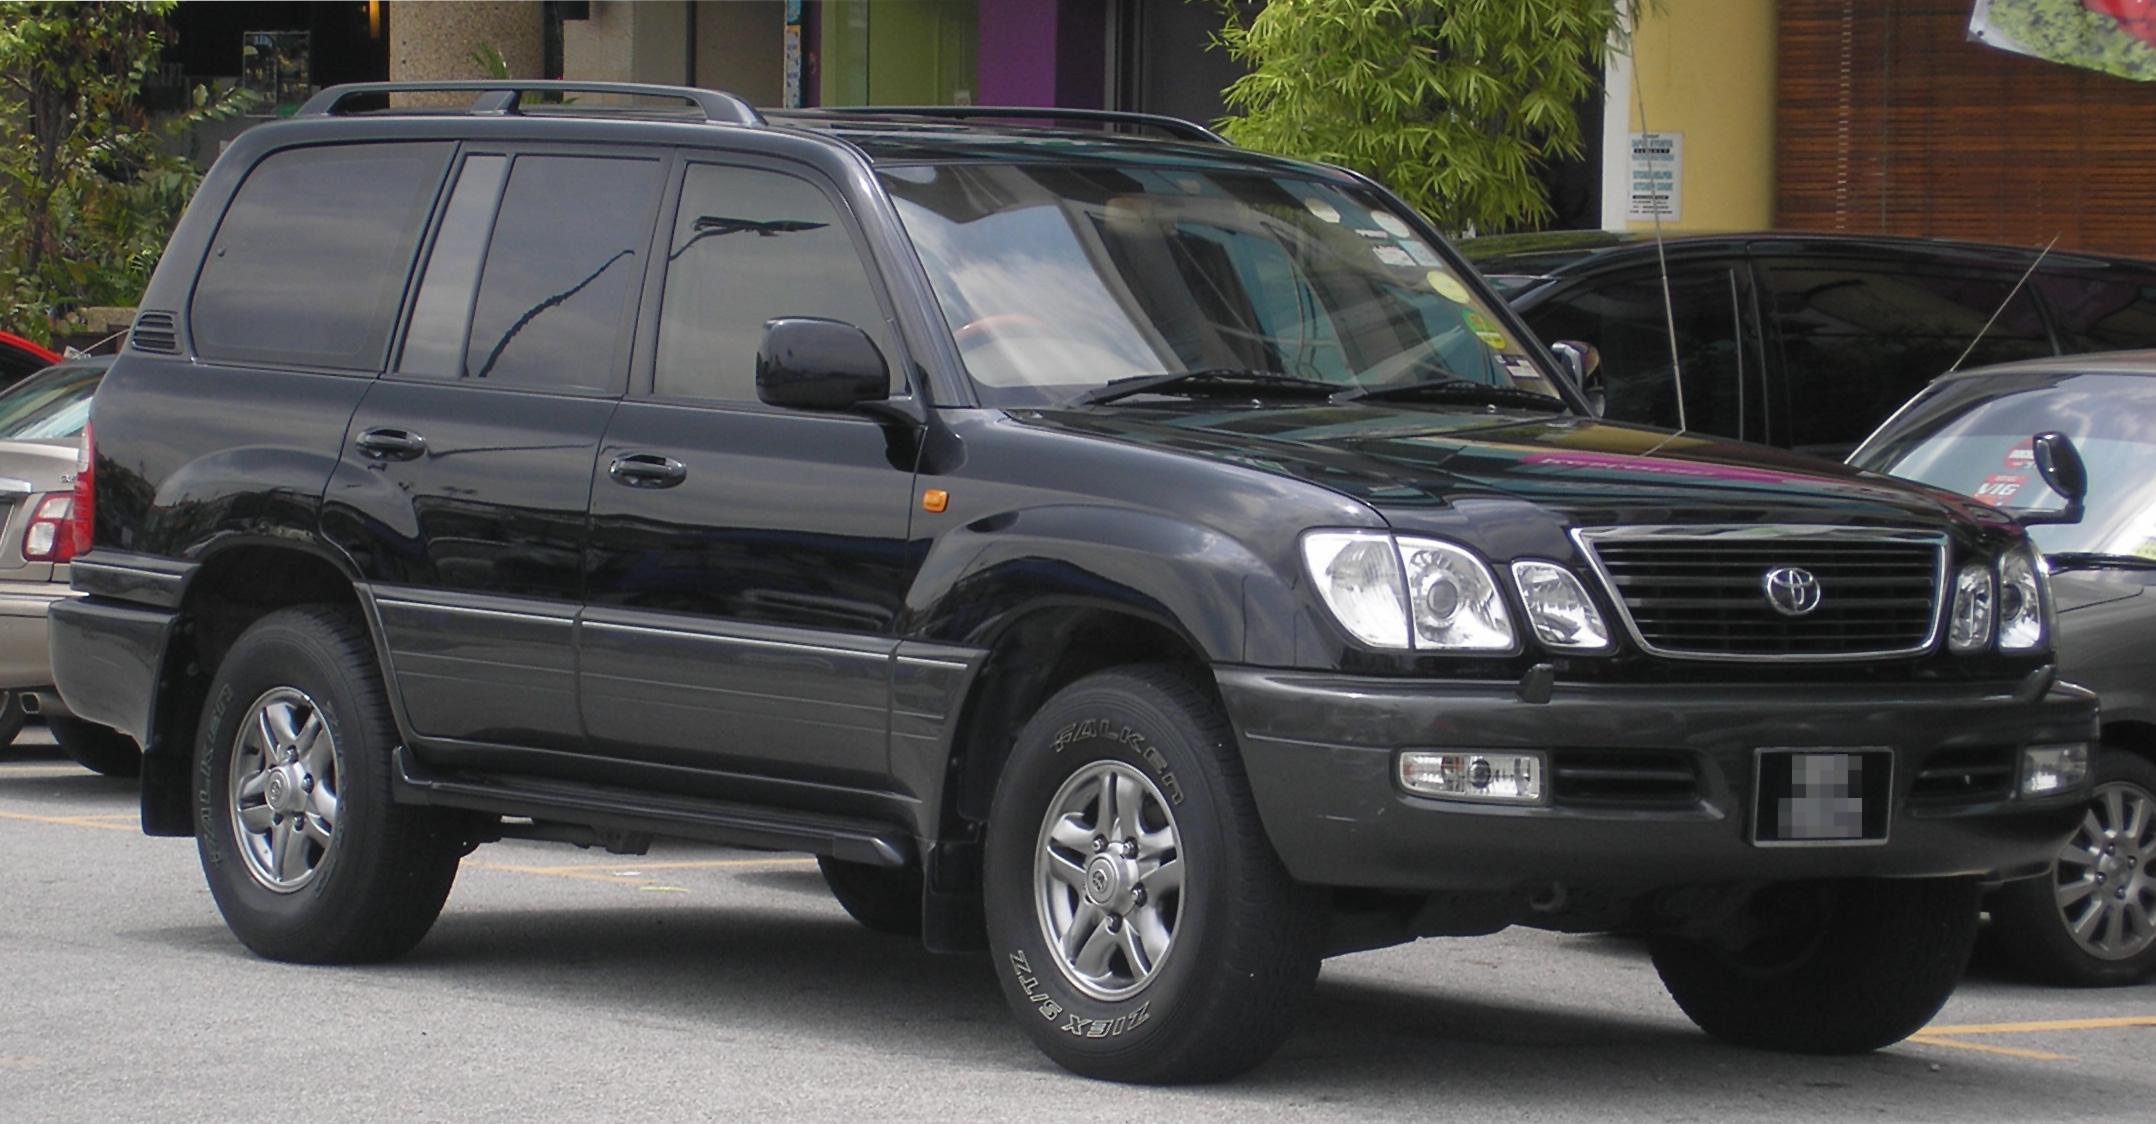 Toyota Land Cruiser Wiki >> File:Toyota Land Cruiser (eighth generation) (100 Cygnus) (front), Serdang.jpg